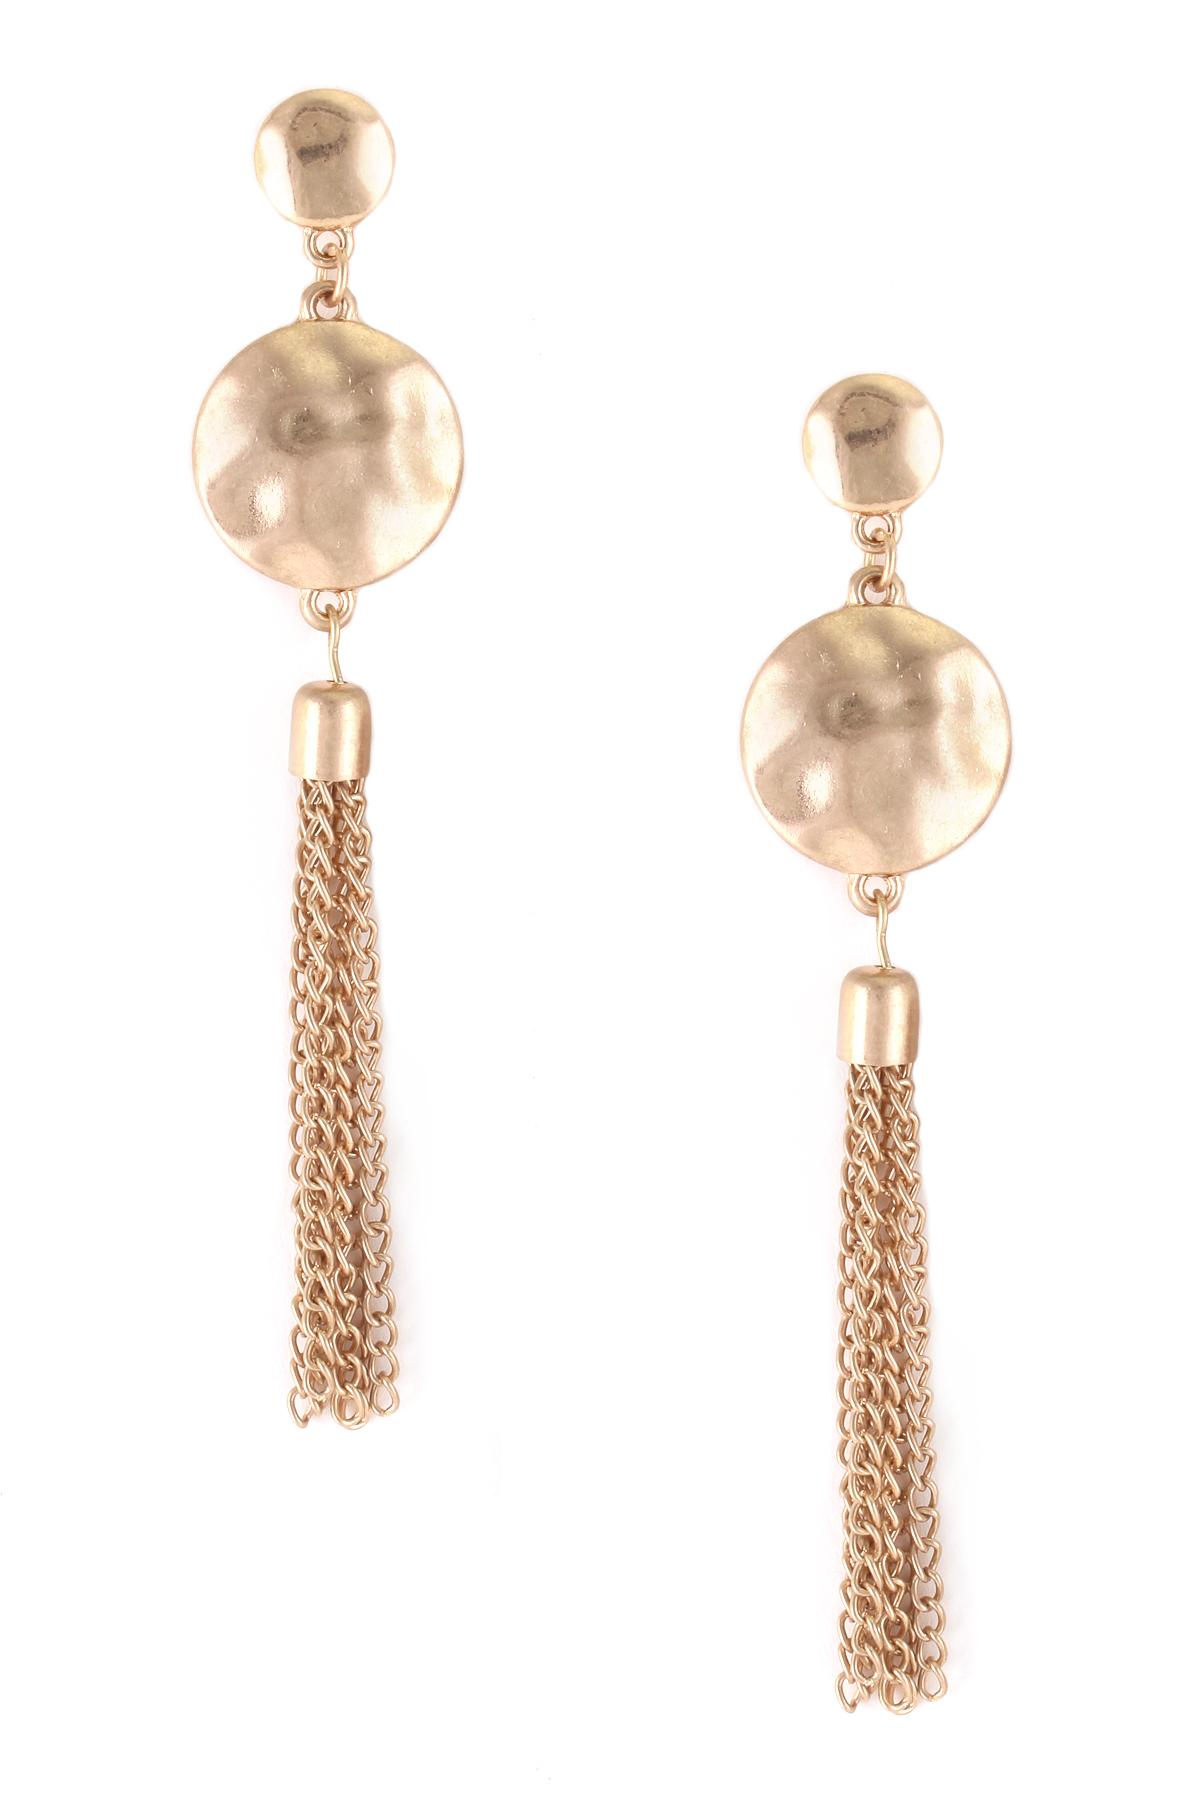 Hammered metal tassel earrings